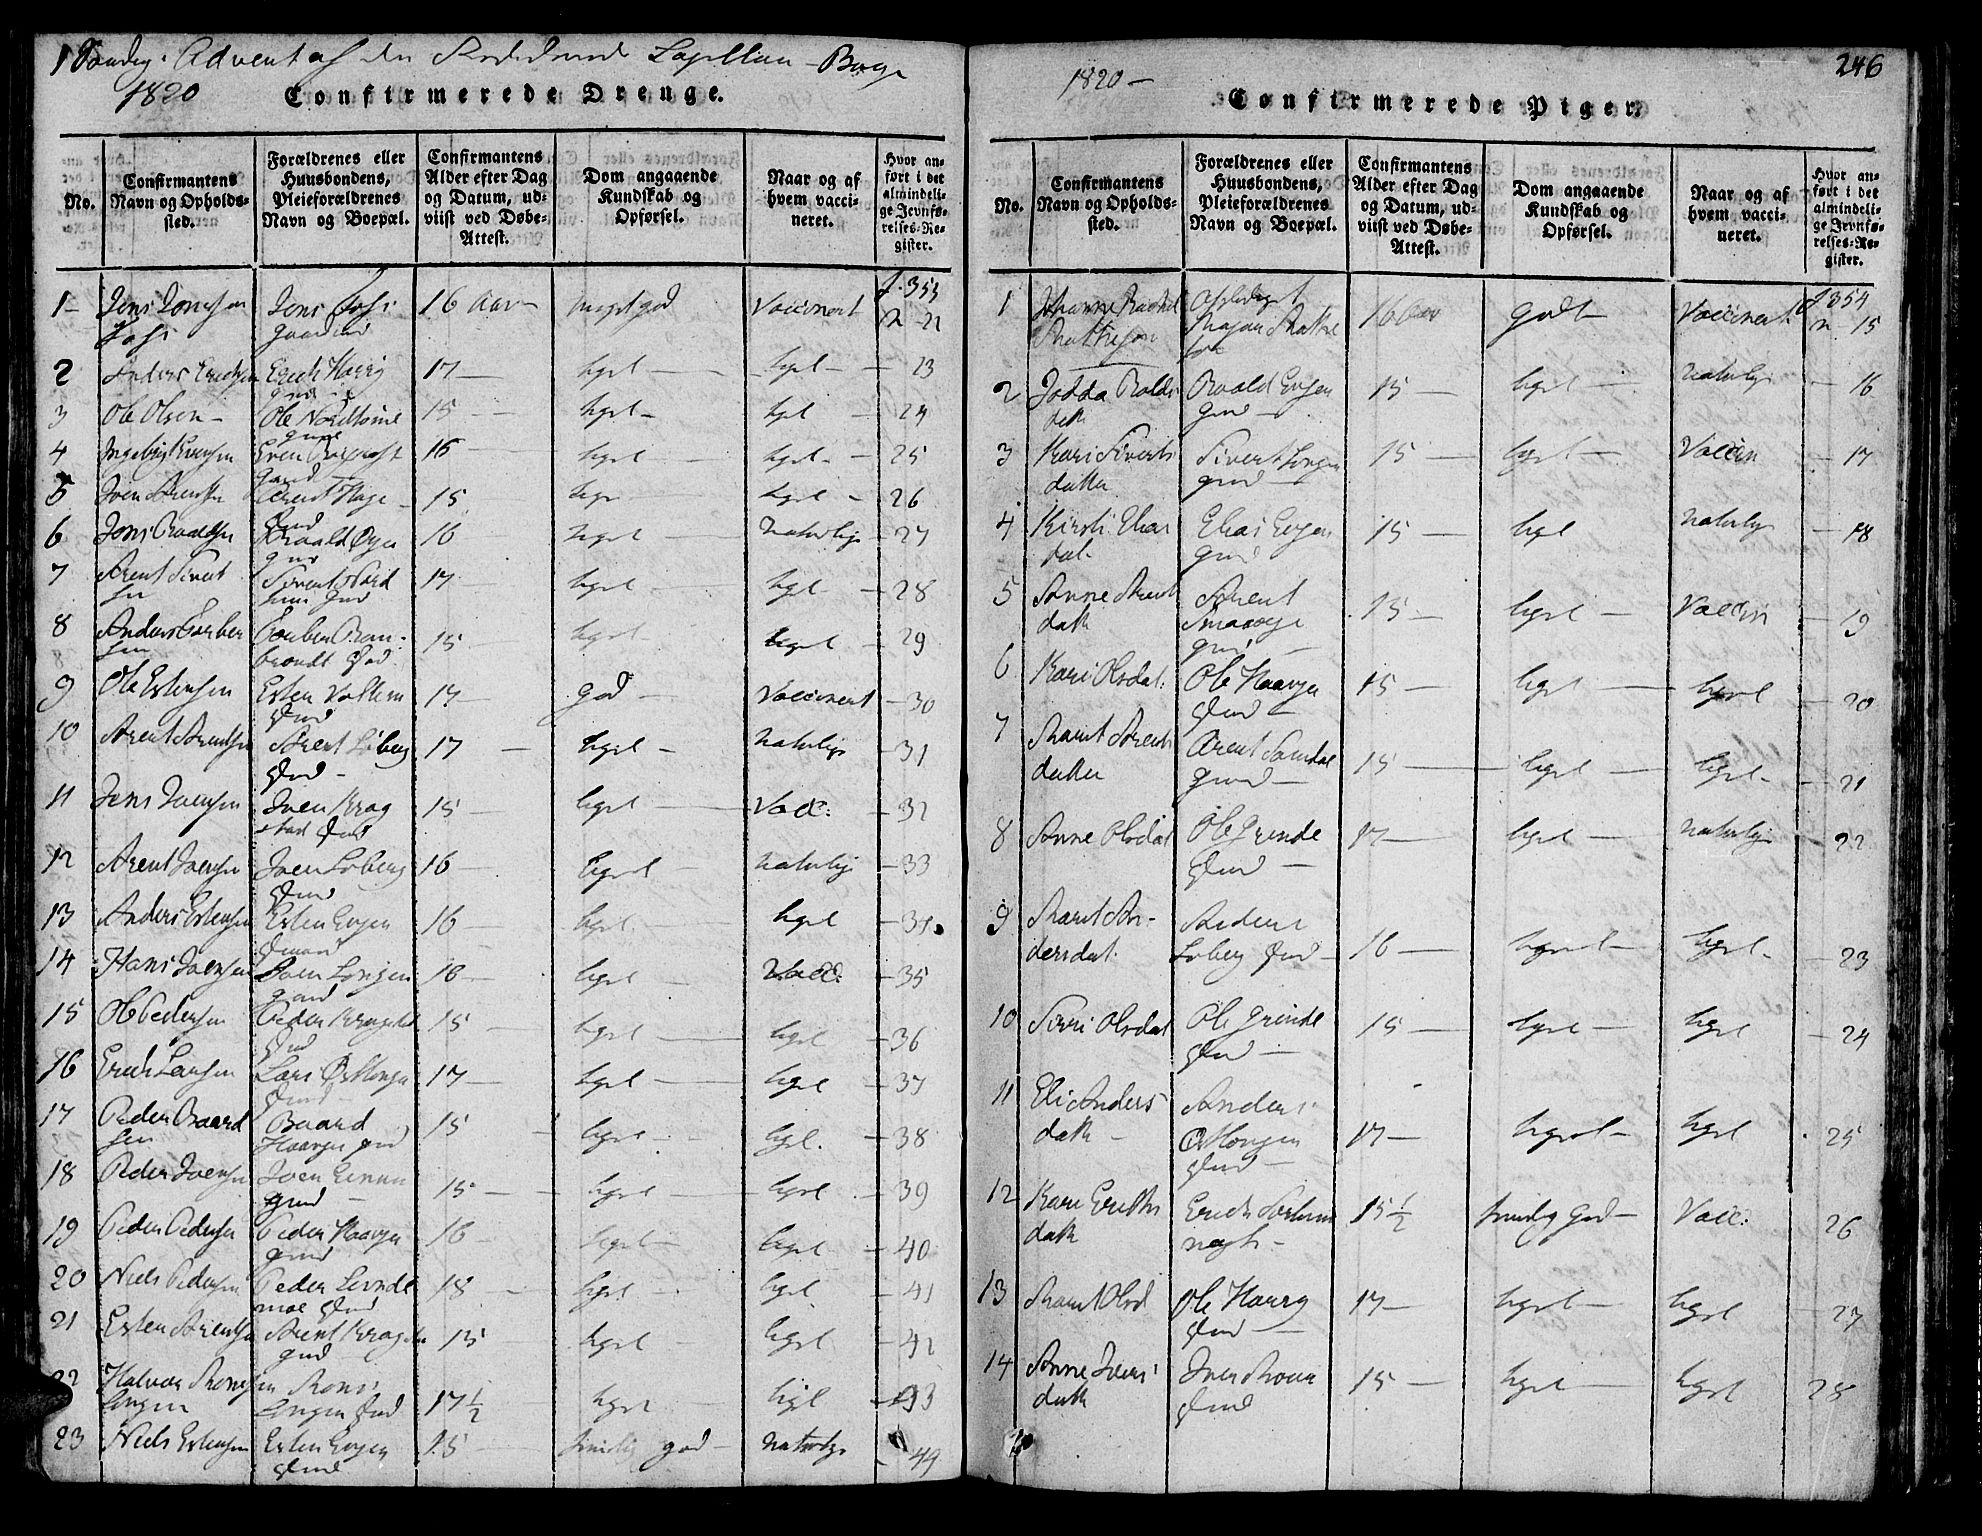 SAT, Ministerialprotokoller, klokkerbøker og fødselsregistre - Sør-Trøndelag, 692/L1102: Ministerialbok nr. 692A02, 1816-1842, s. 246